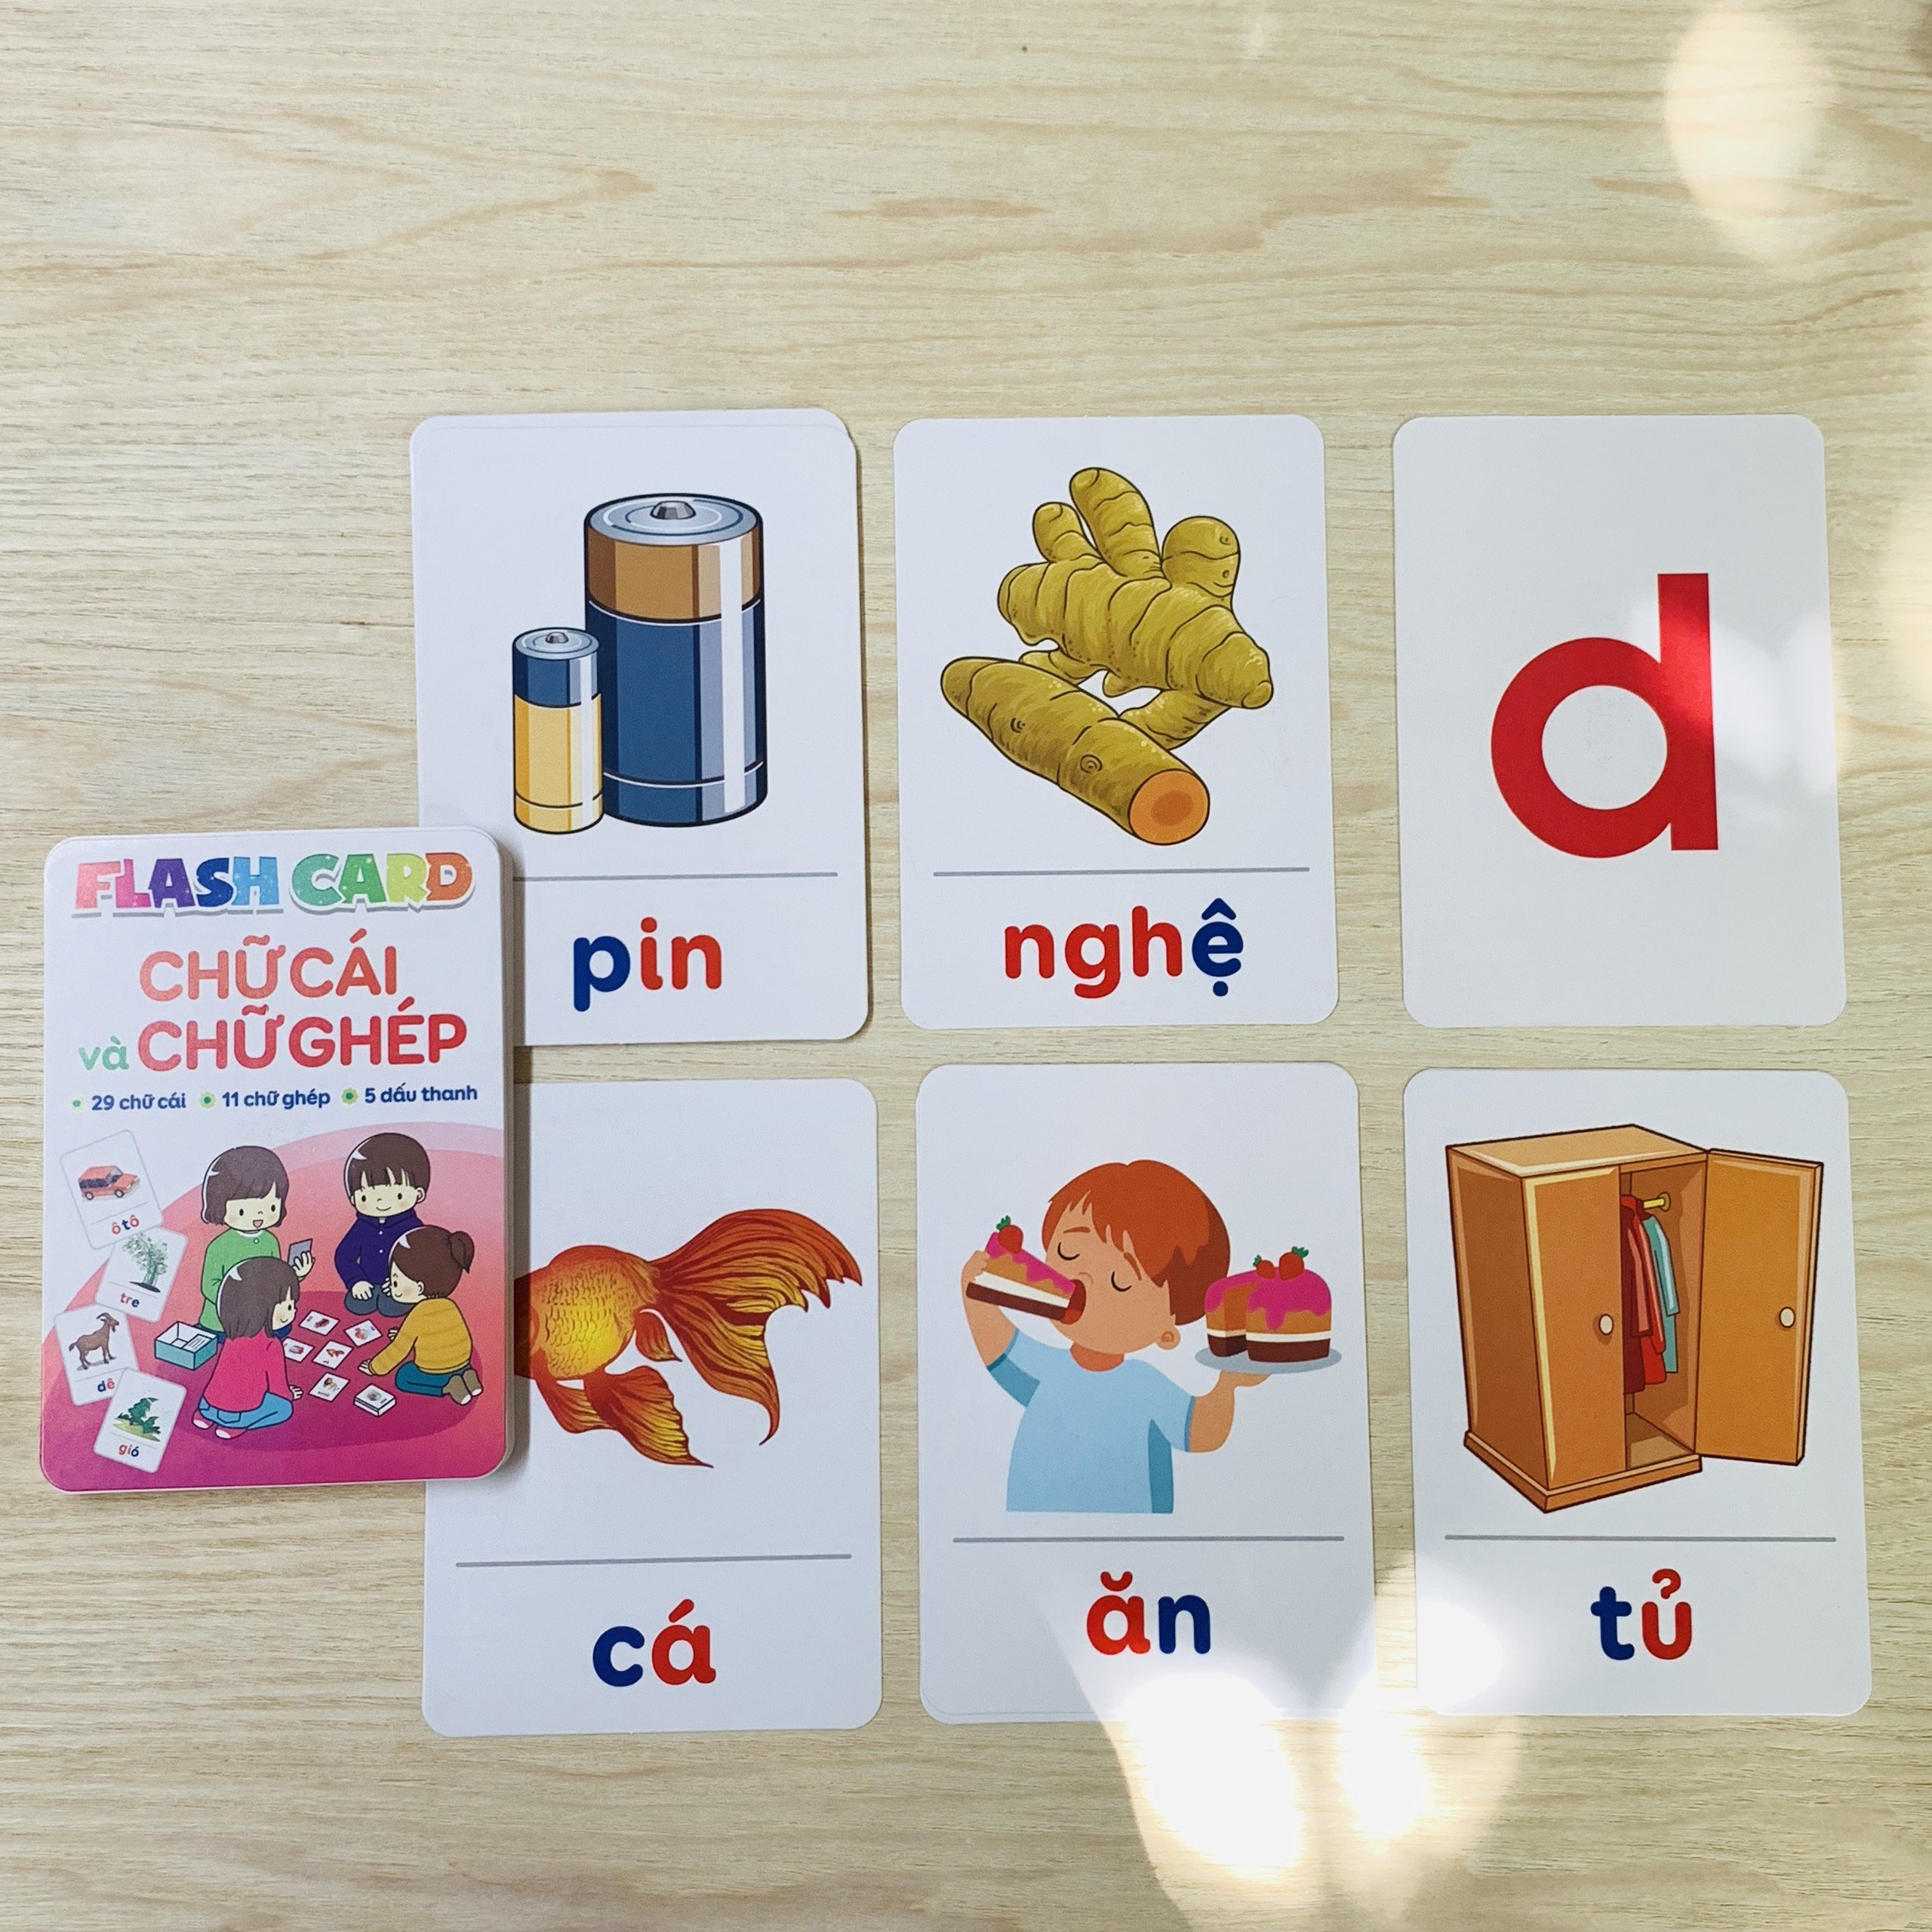 Thẻ Học Thông Minh Flashcard Chữ Cái Và Chữ Ghép Kèm Dấu Cho Bé Nhận Biết Tiếng Việt Và Học Ghép Chữ